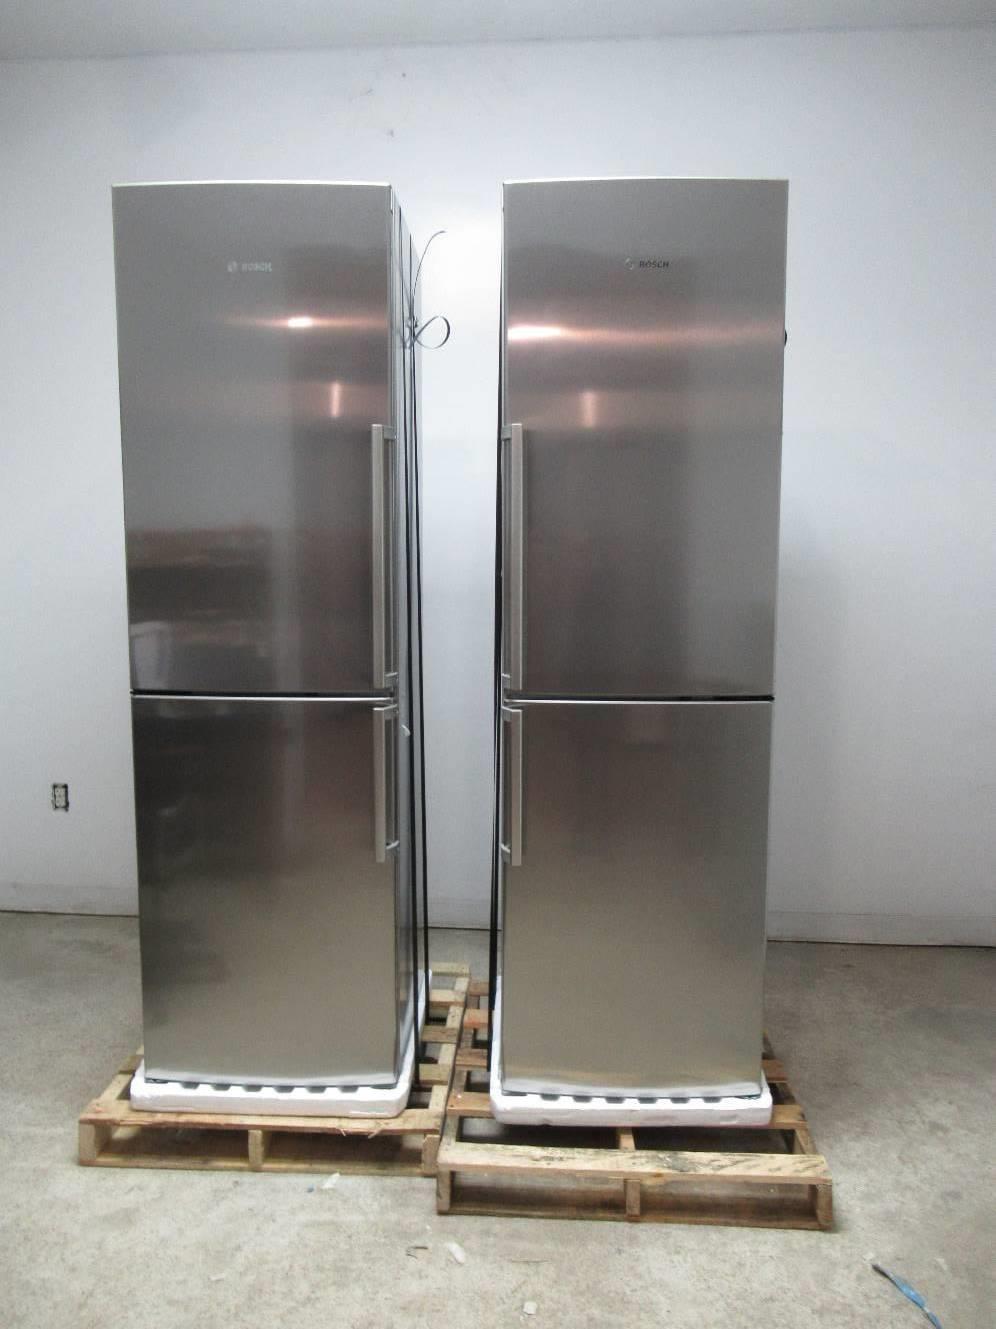 Bosch 500 Series 48 Quot Tall Counter Depth Refrigerator Set